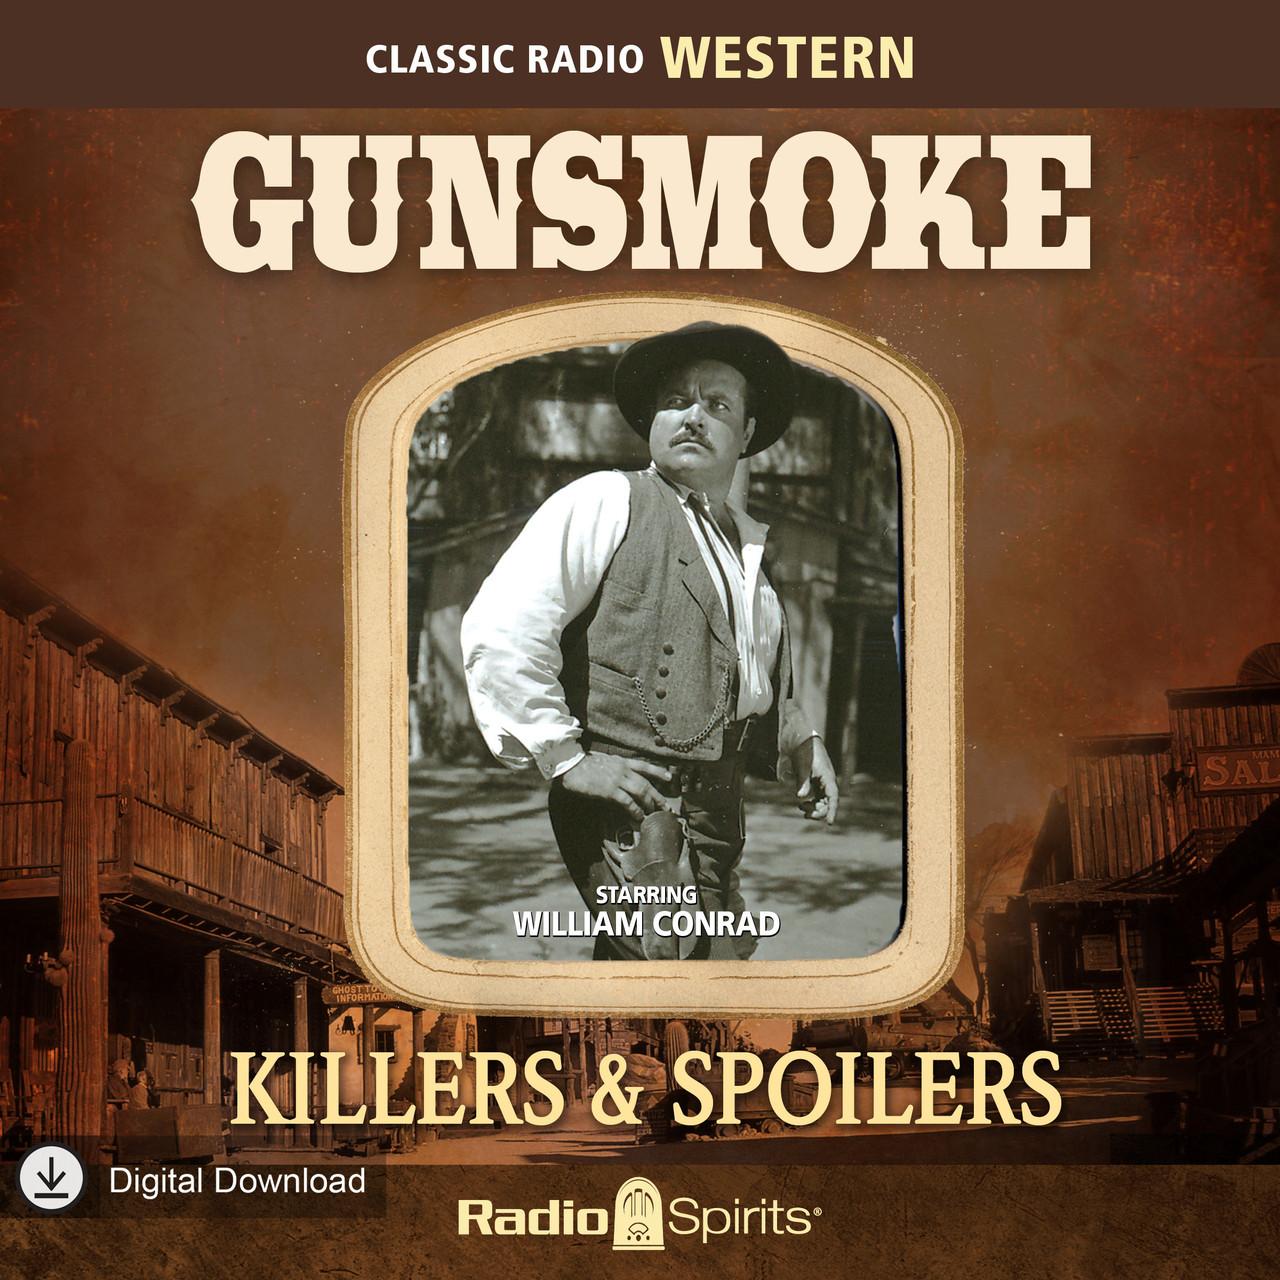 Gunsmoke: Killers & Spoilers (MP3 Download)